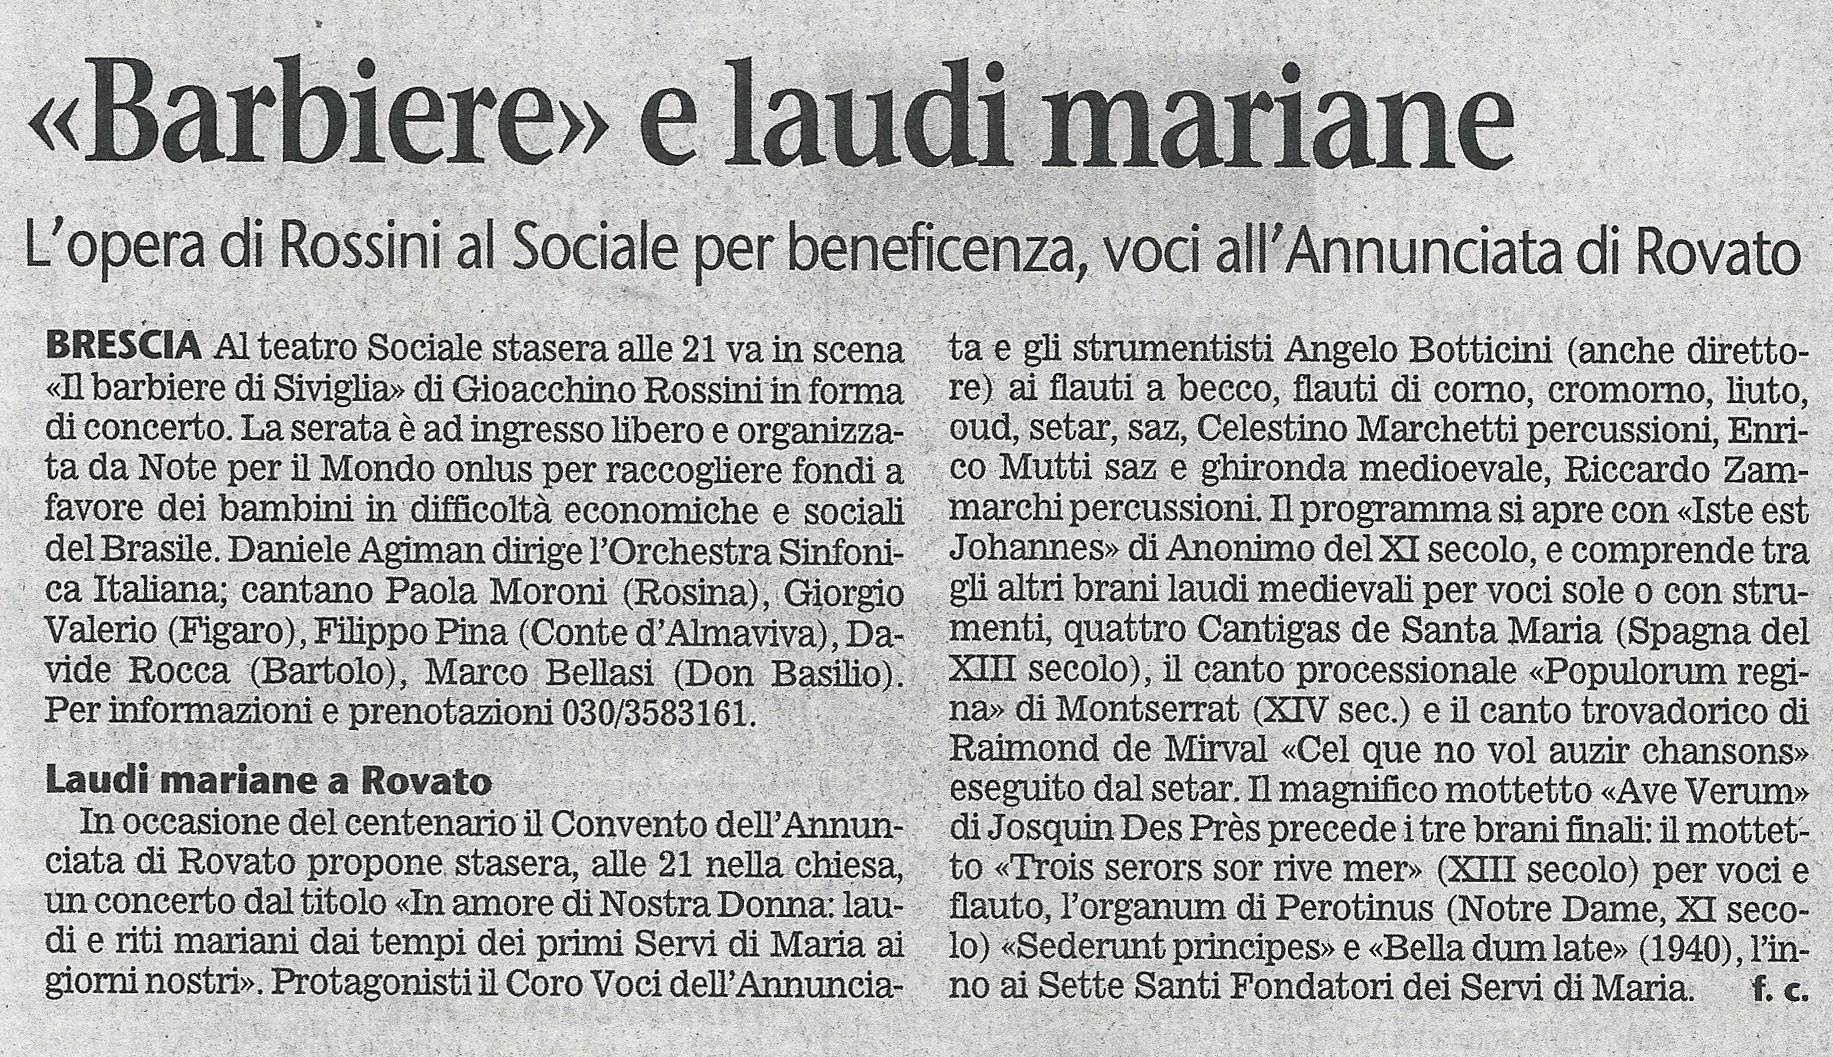 25 ottobre 2008 Giornale di Brescia.jpg